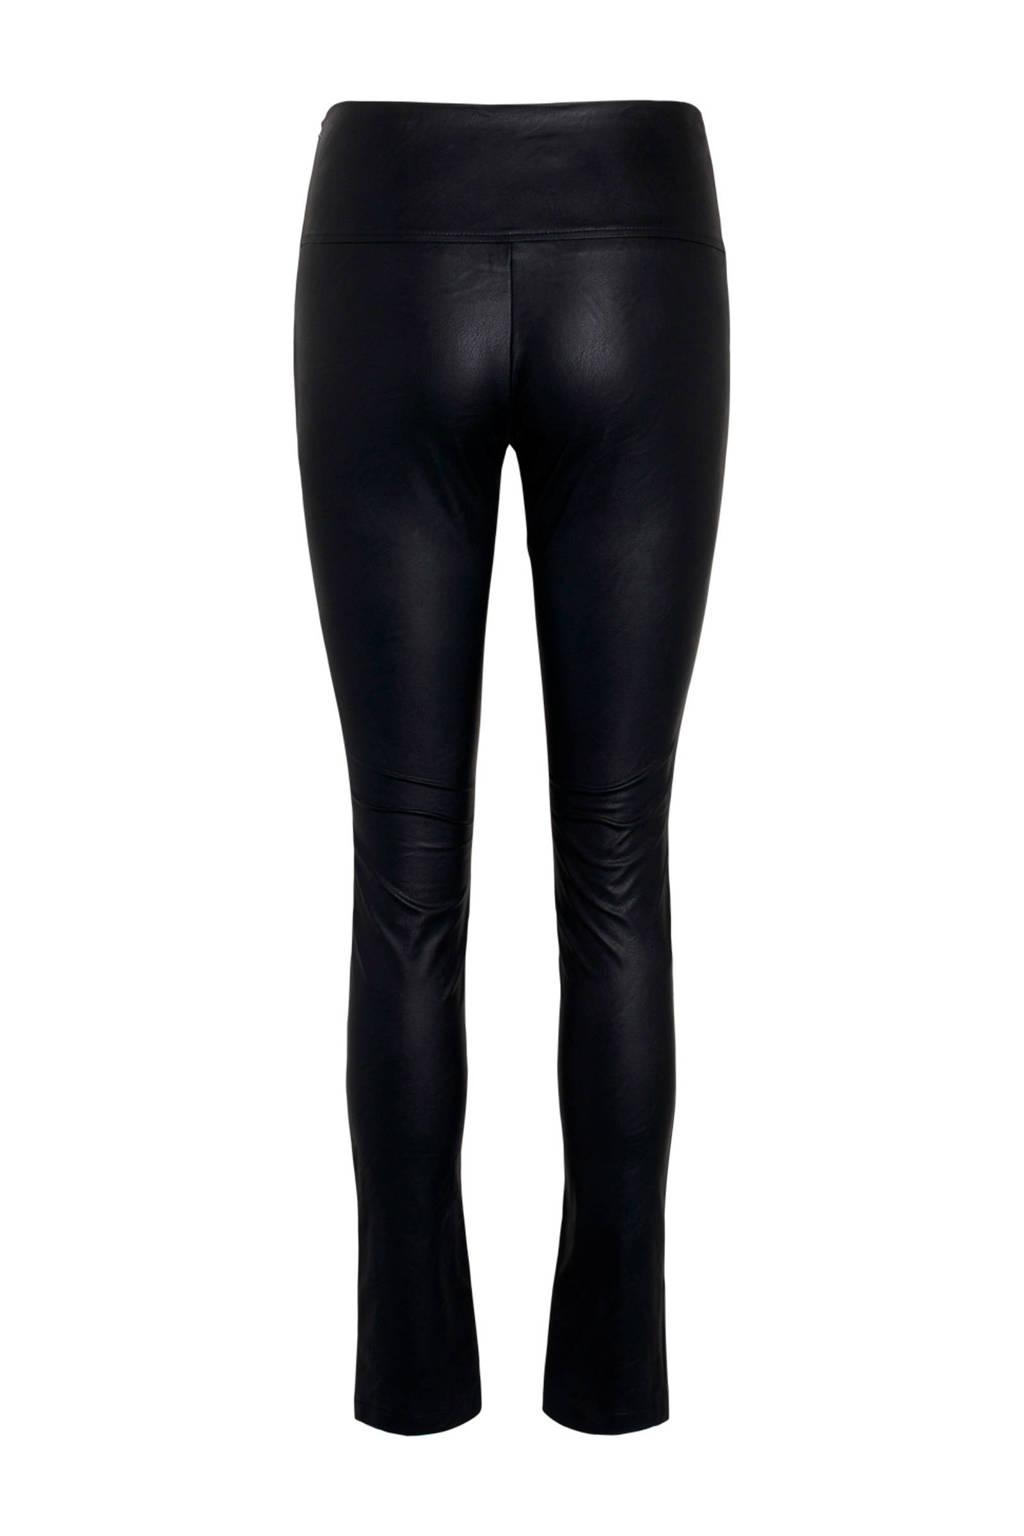 SisterS Point imitatieleren broek Dara zwart, Zwart